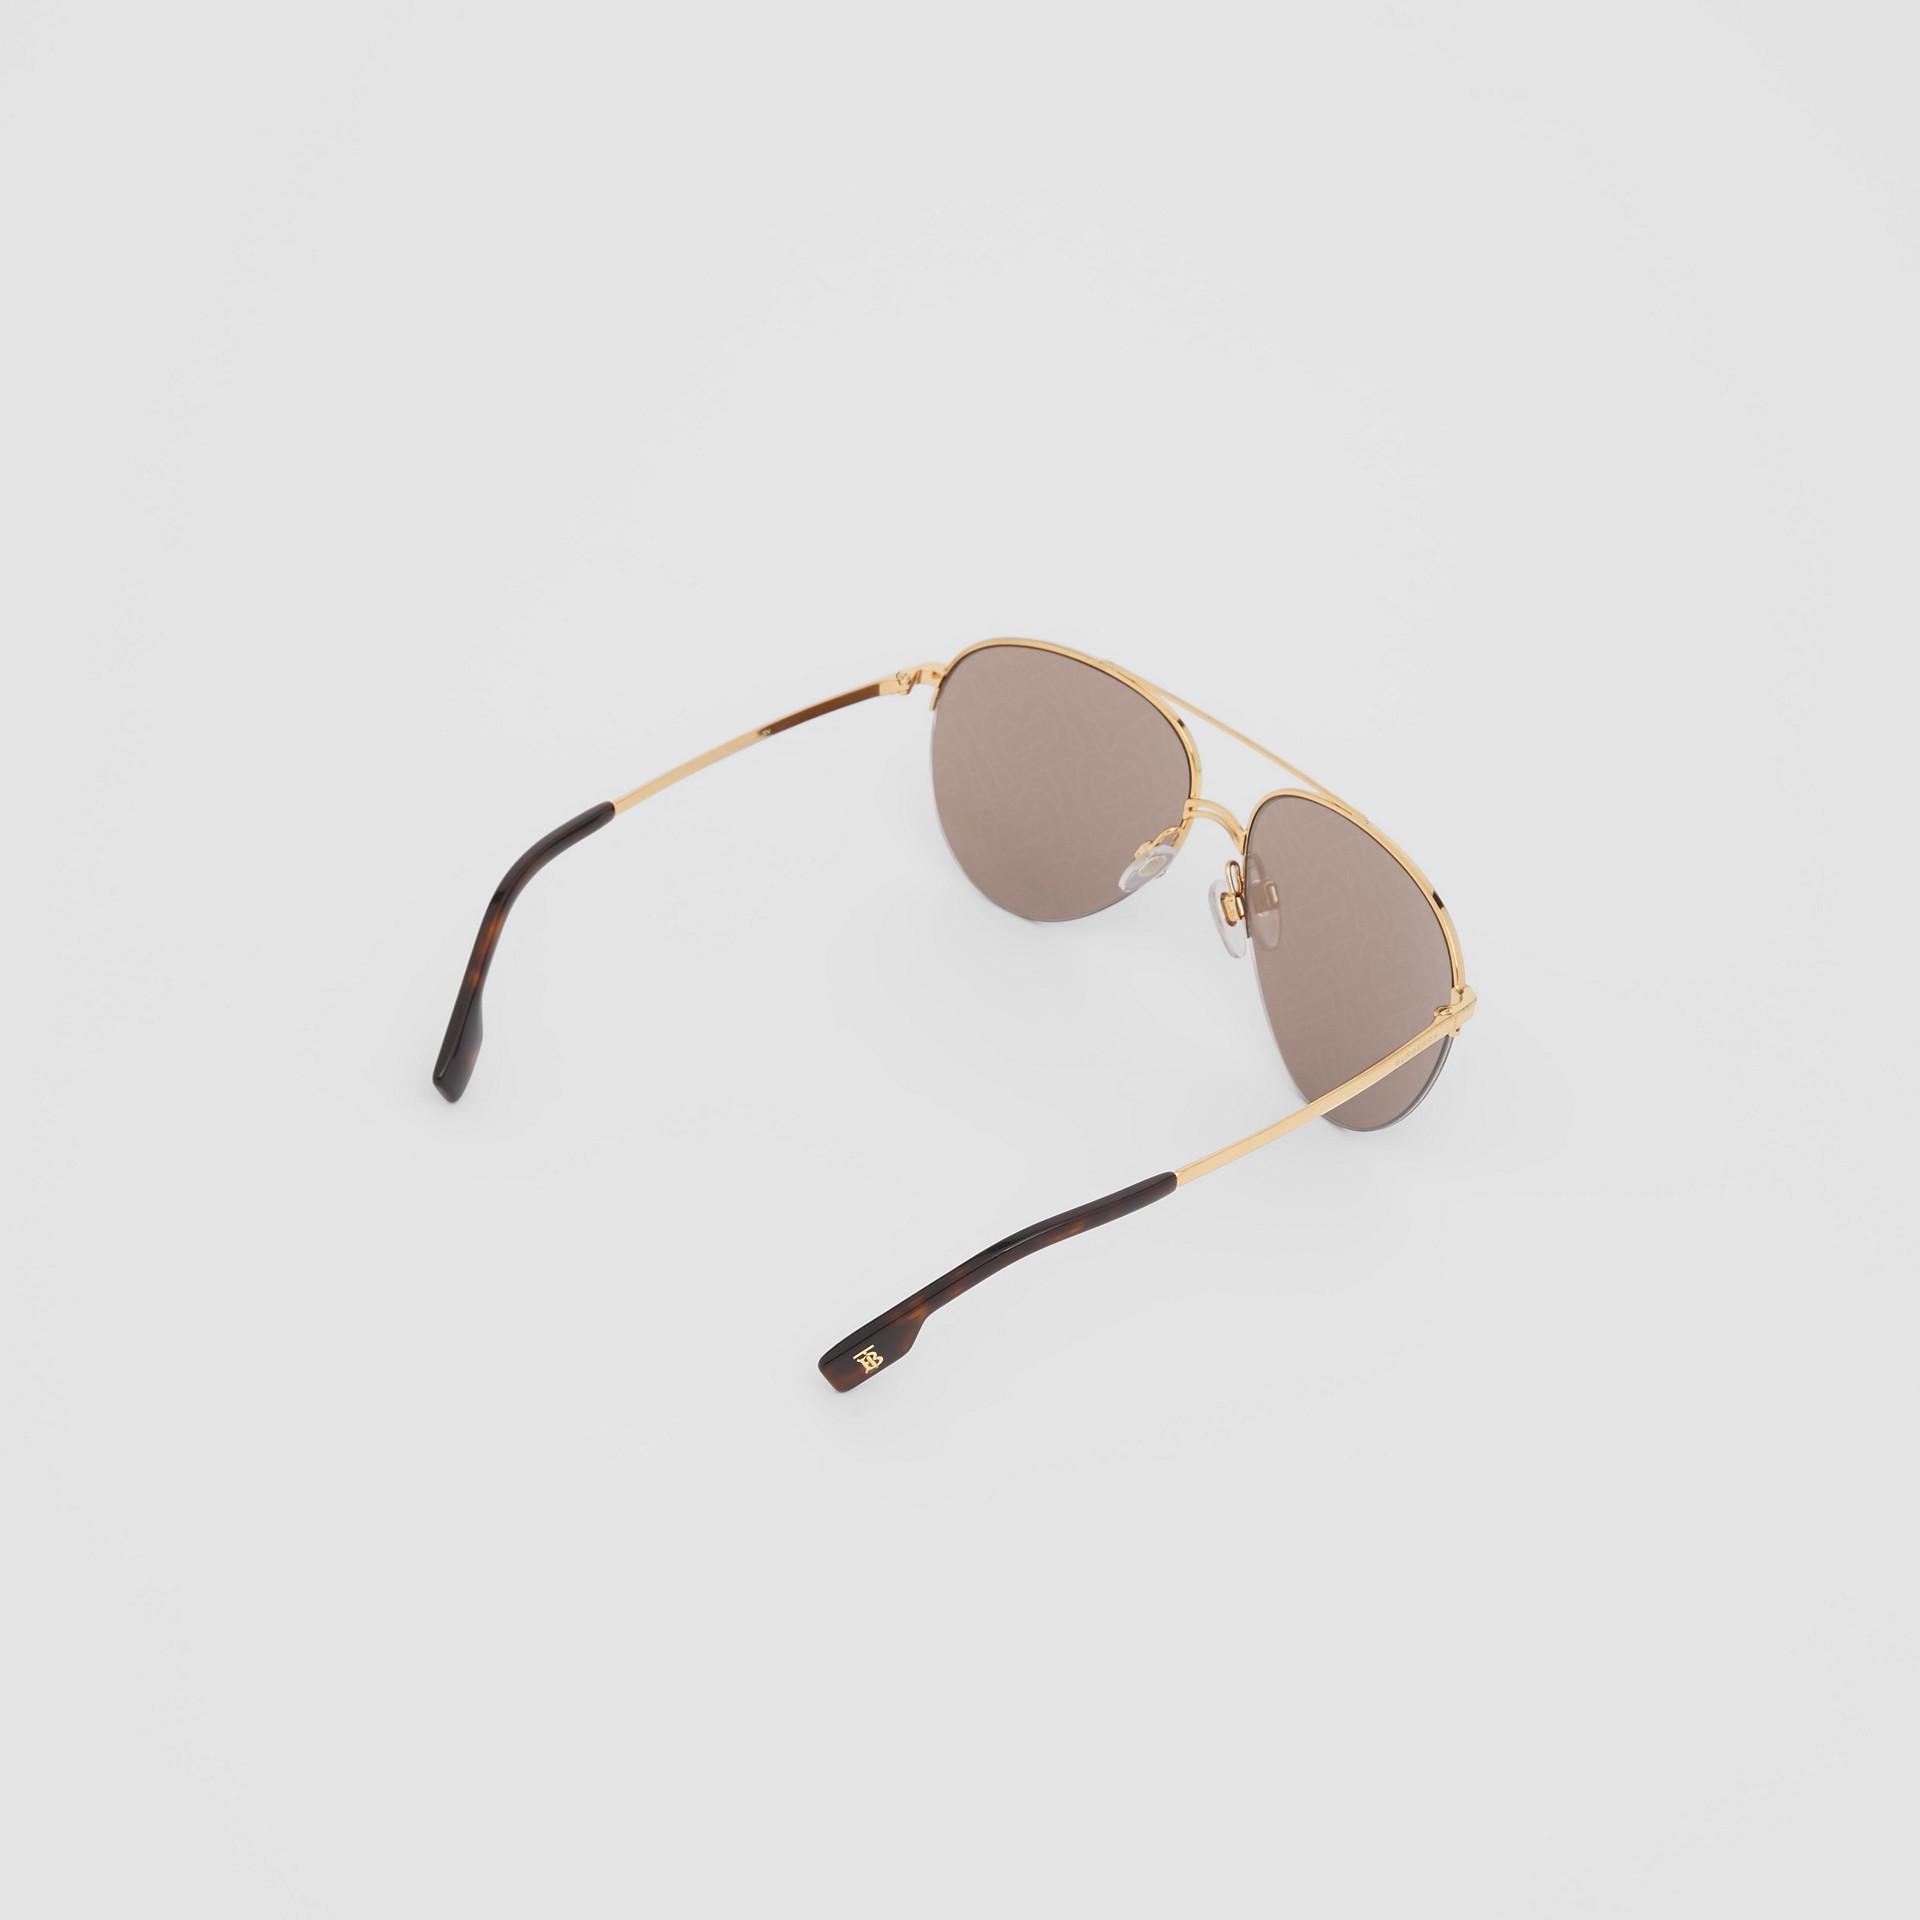 Monogram Print Detail Pilot Sunglasses in Dark Brown - Women | Burberry Canada - gallery image 3